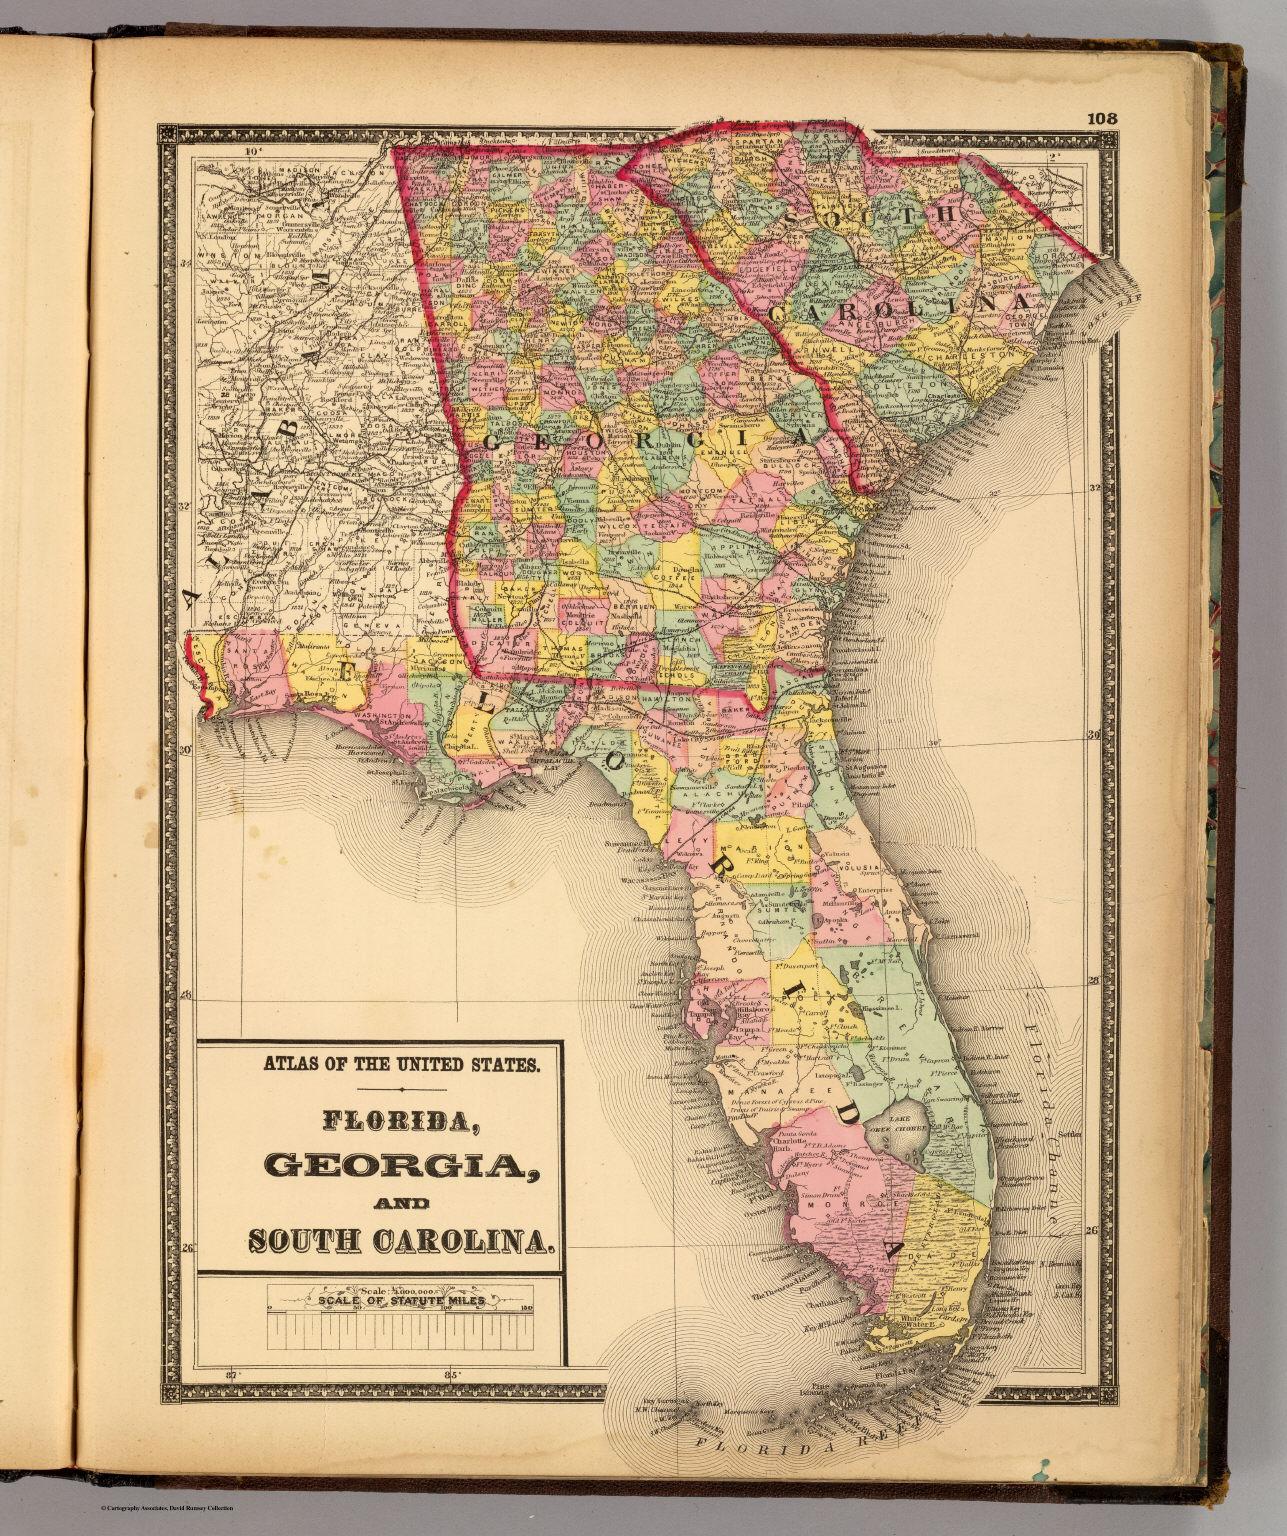 Map Of Georgia Florida And South Carolina.Florida Georgia And South Carolina David Rumsey Historical Map